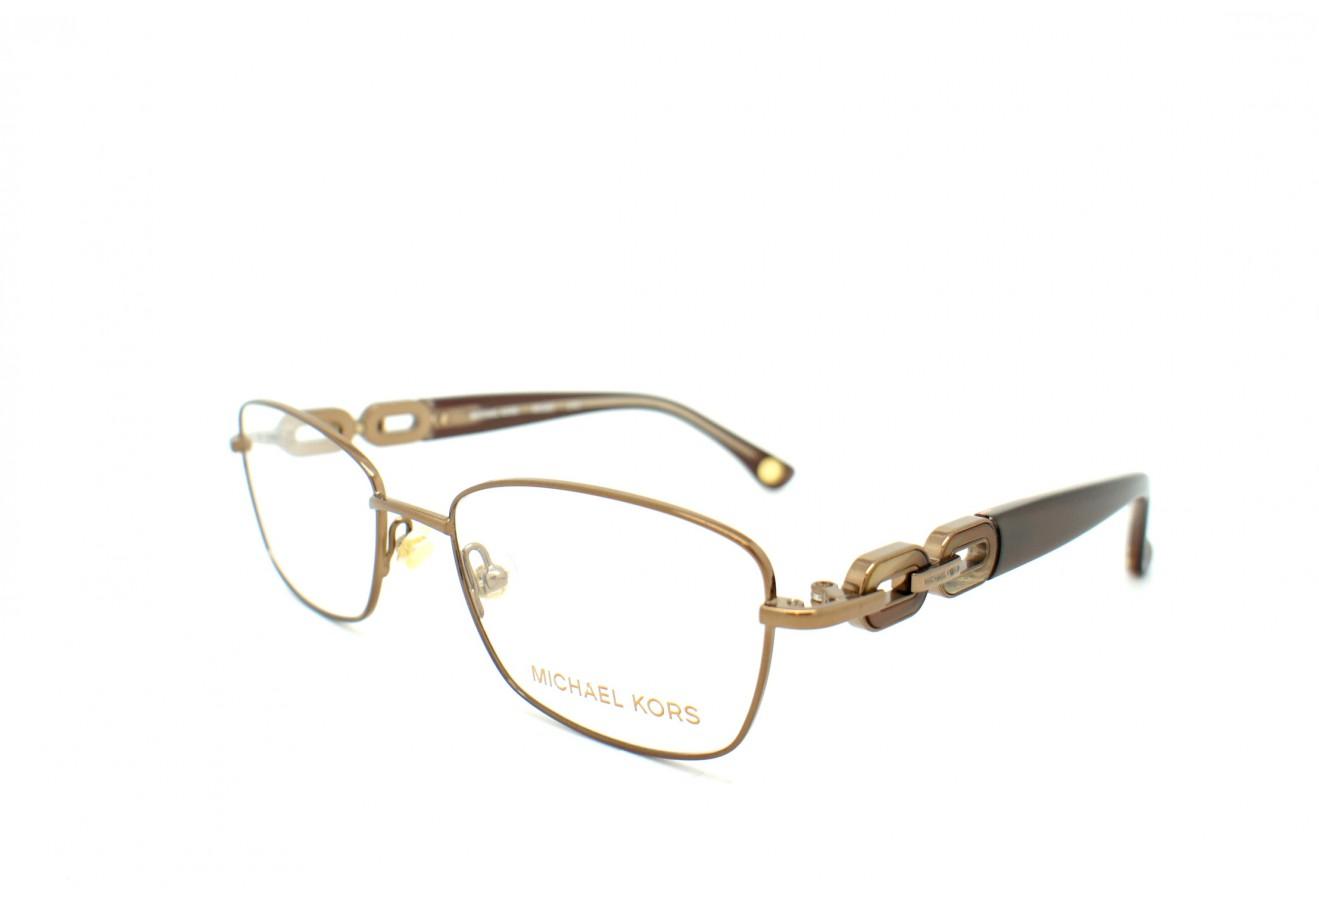 lunettes de vue mk 363 210 50 17. Black Bedroom Furniture Sets. Home Design Ideas